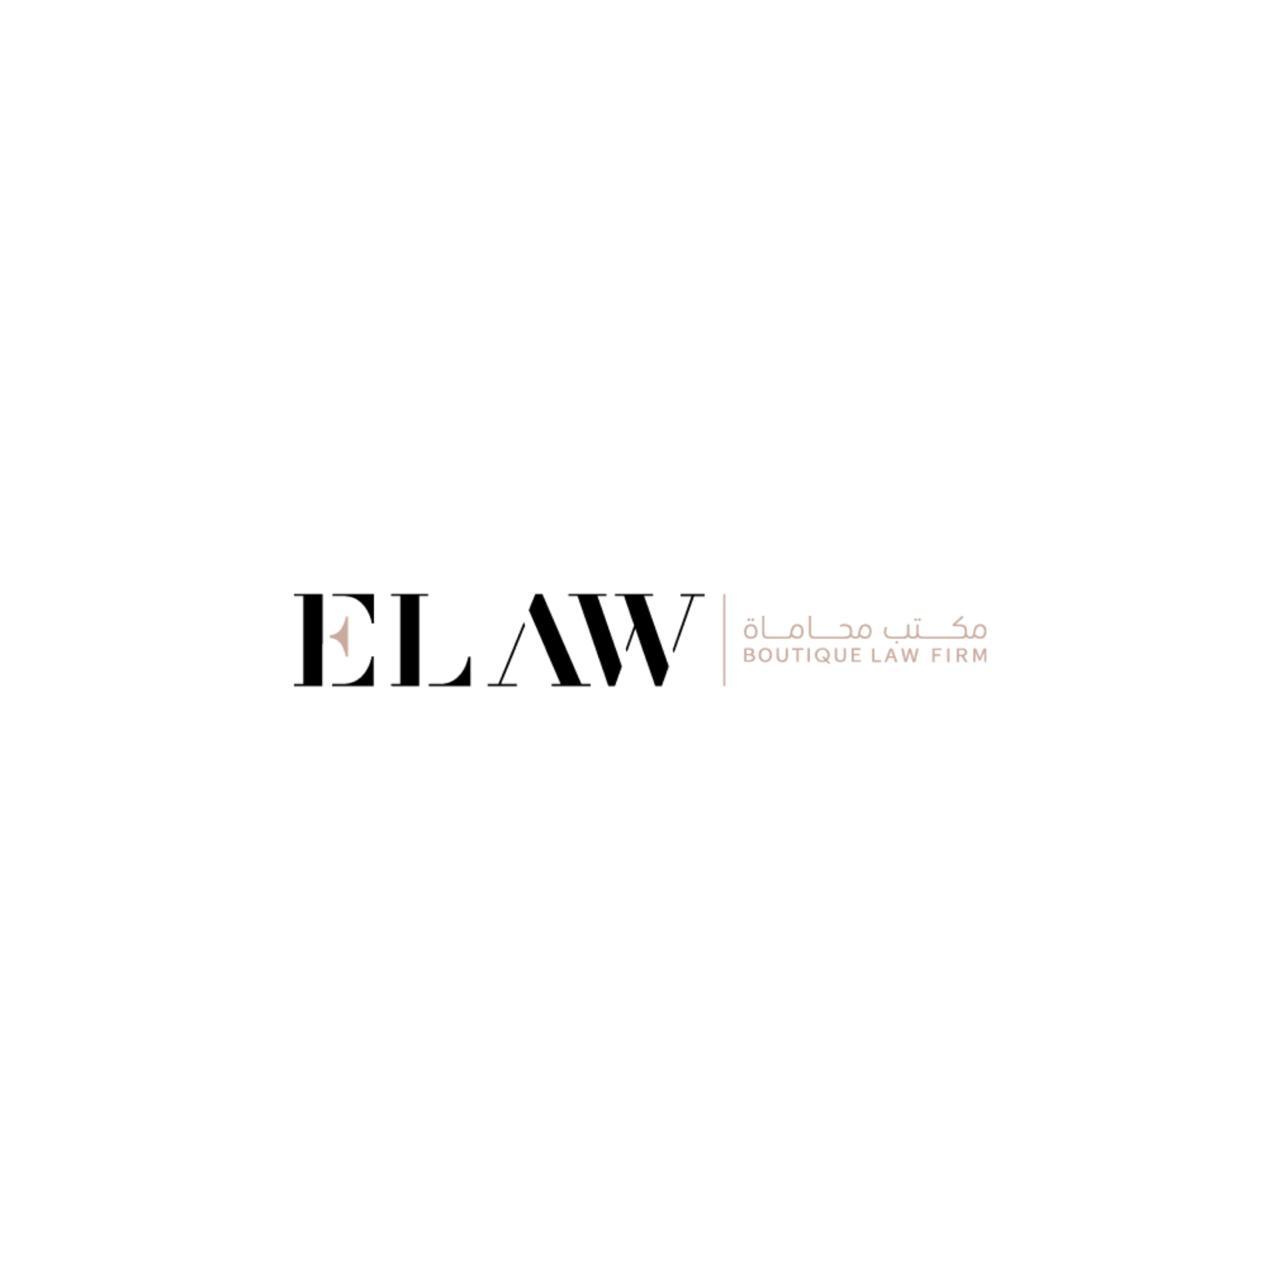 Ethar Aldaej